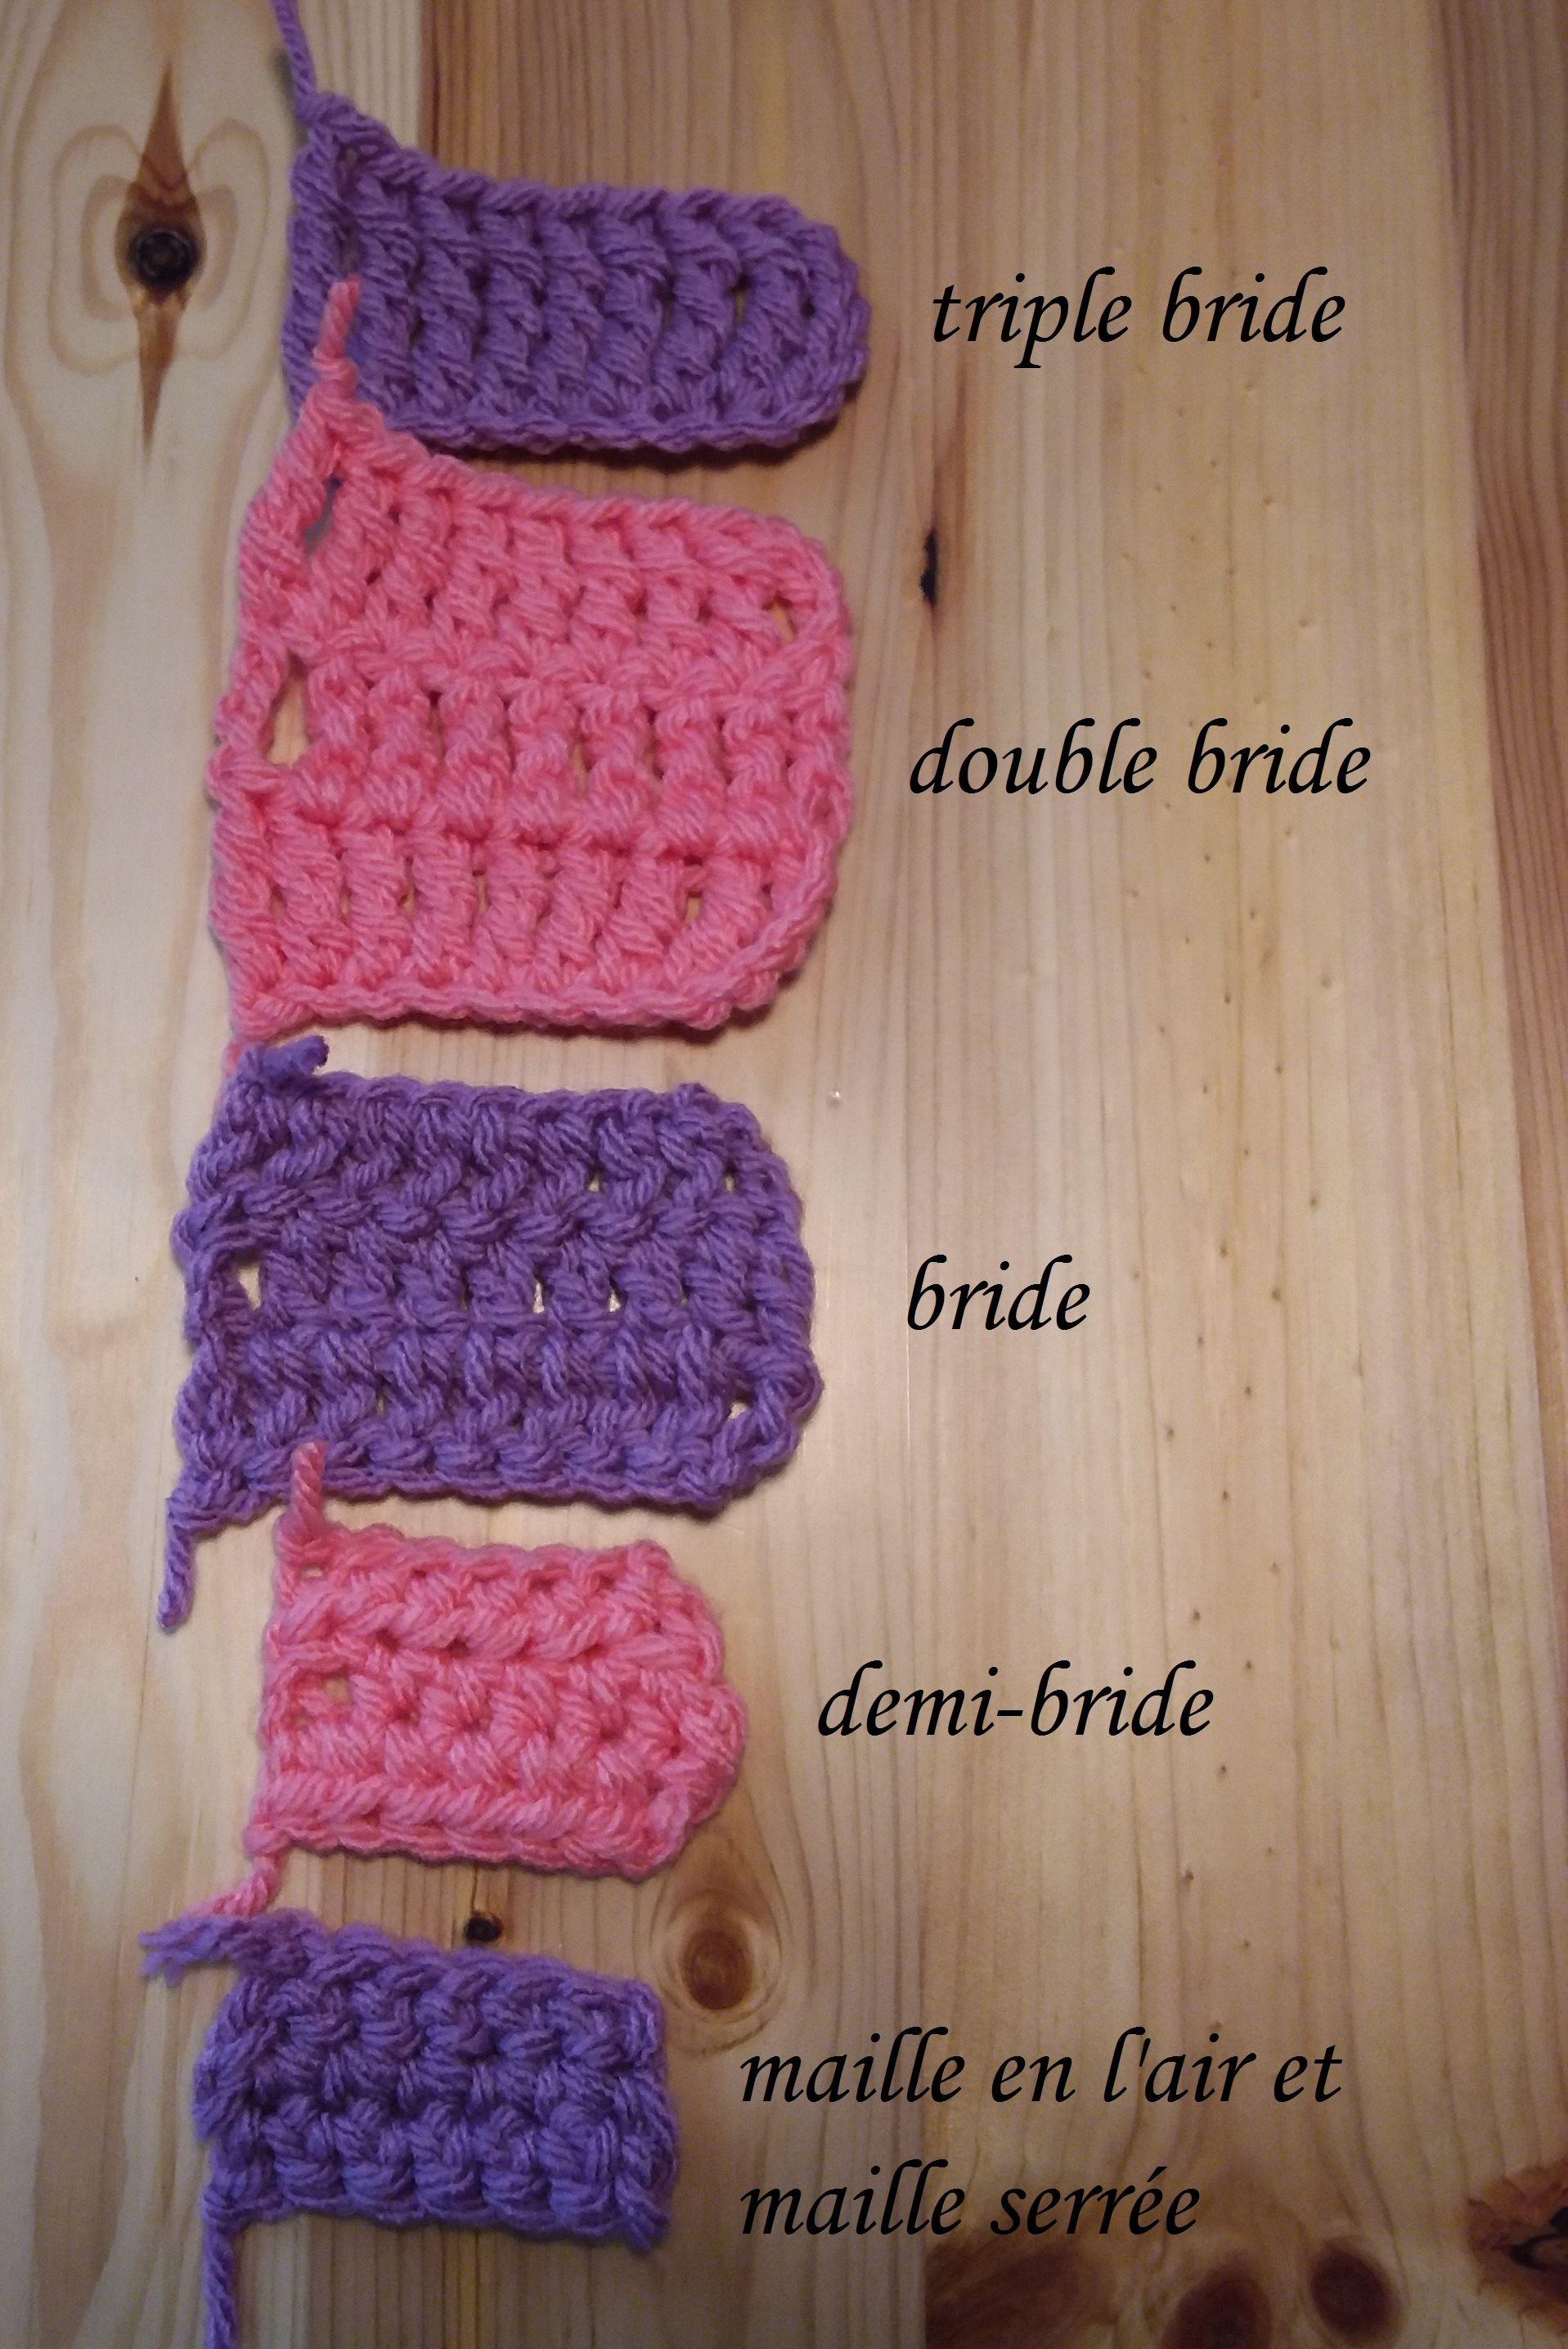 Tuto Les Points De Base Au Crochet Pour Debutant Apprendre Le Crochet Crochet Tuto Facile Crochet Pour Debutant